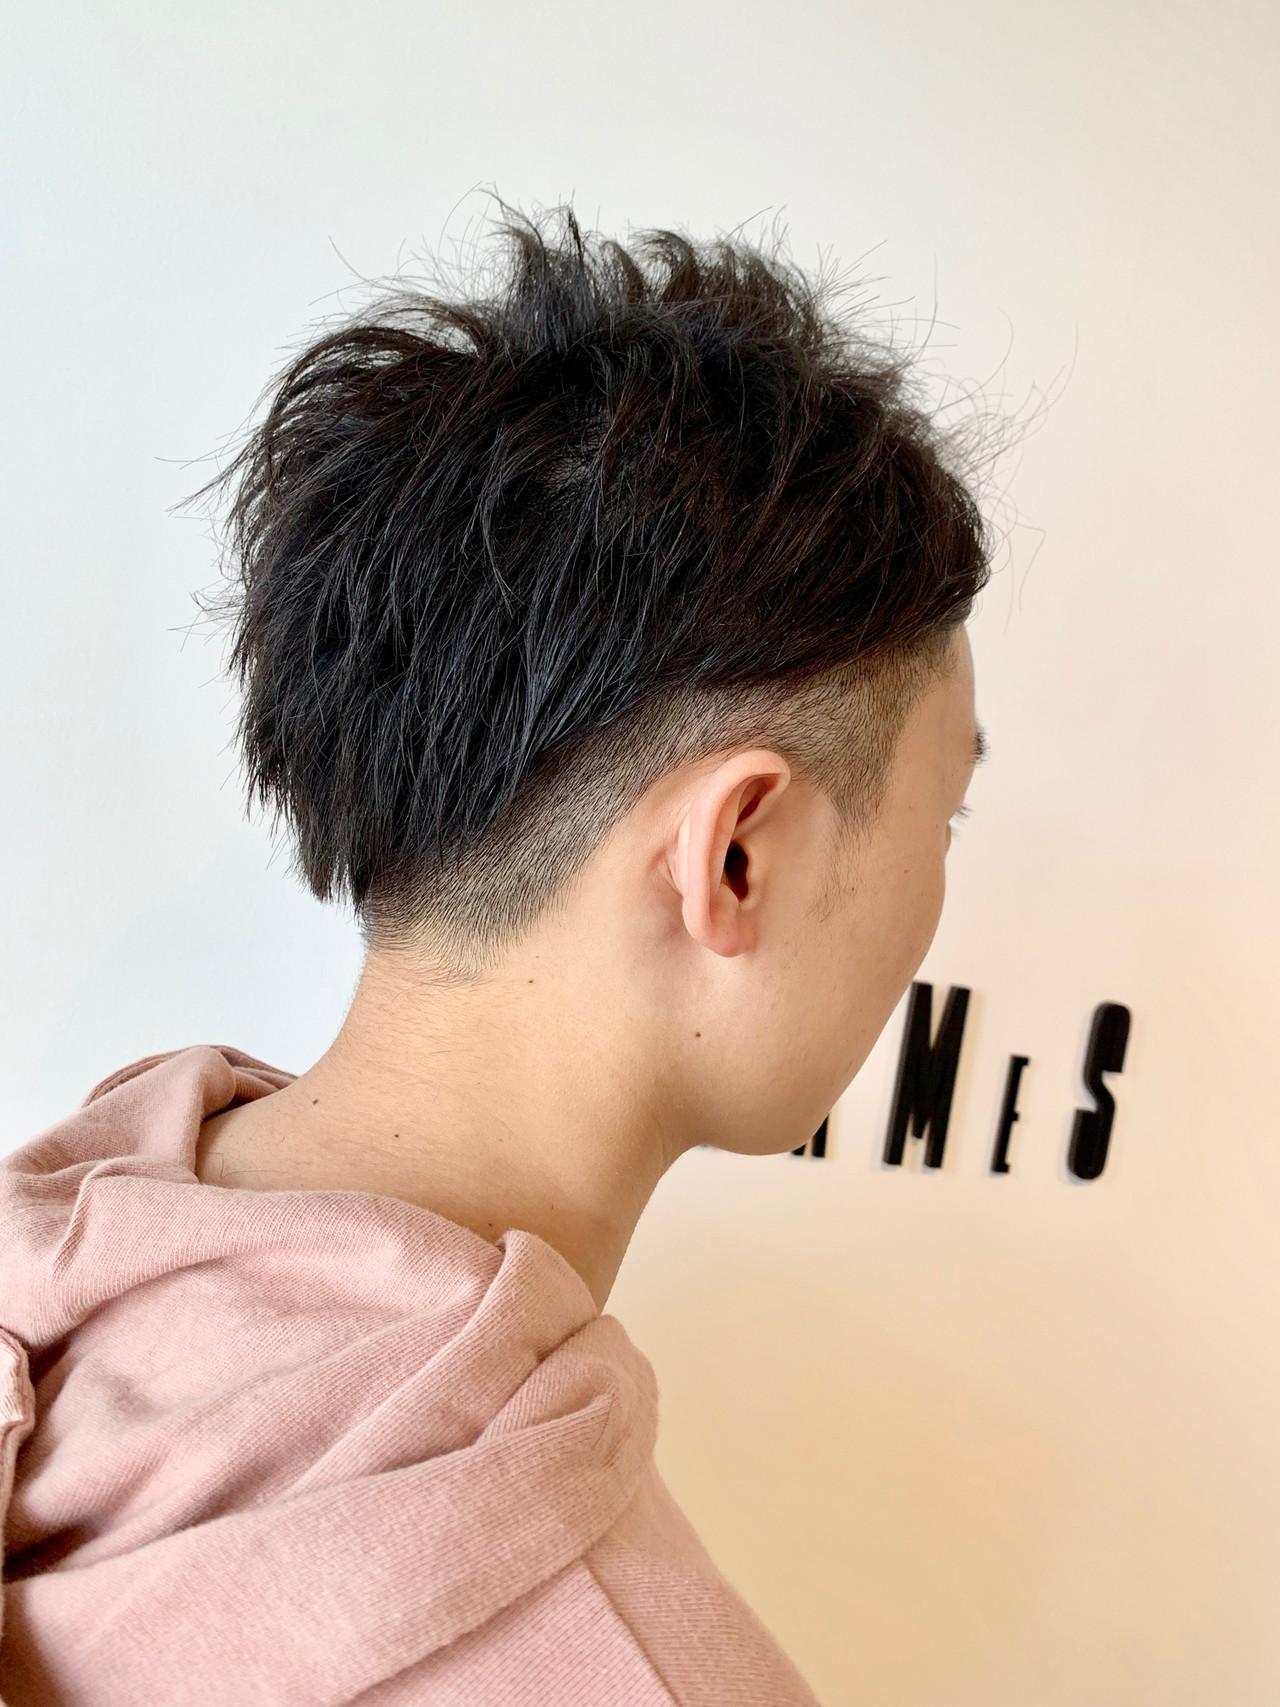 黒髪 メンズカット ショート ナチュラル ヘアスタイルや髪型の写真・画像